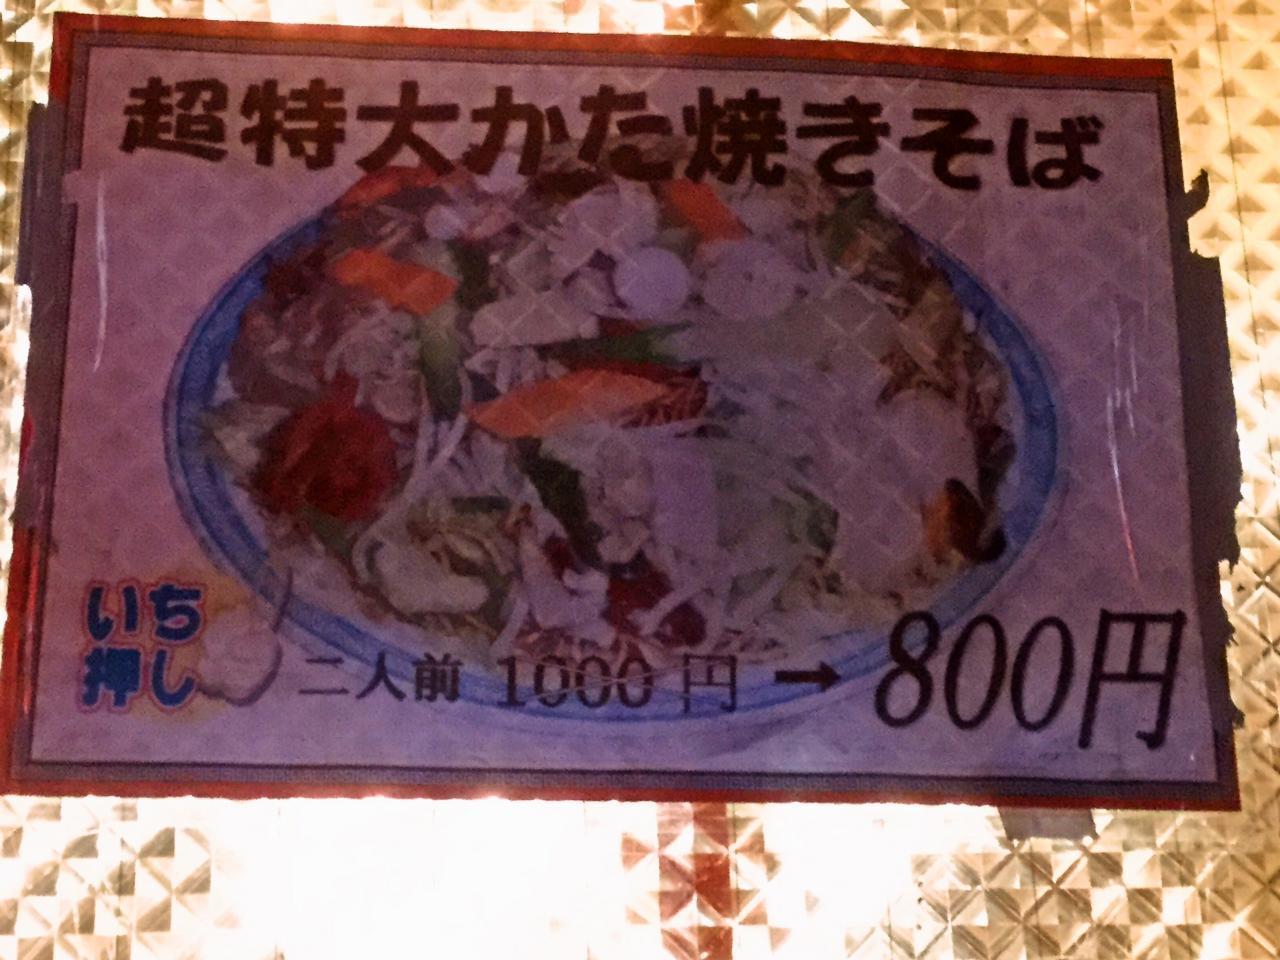 長城飯店(メニュー)